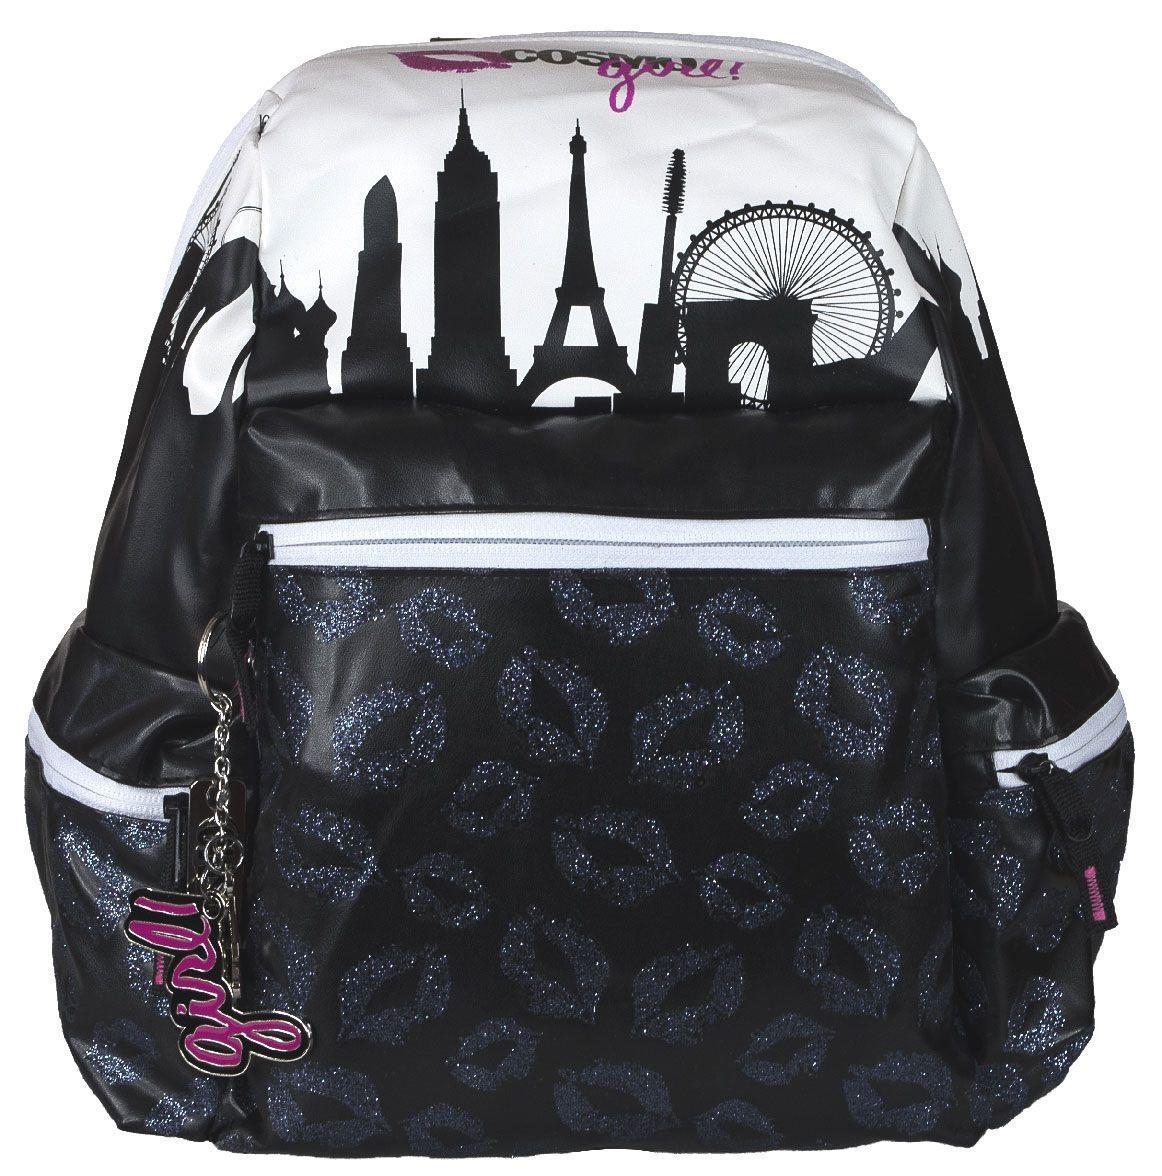 Сумка-рюкзак молодежная Cosmopolitan, цвет: черный, белый. CMCB-UT1-763CMCB-UT1-763Стильная молодежная сумка-рюкзак Cosmopolitan выполнена из прочного материала черного и белого цветов и дополнена тремя брелоками. Содержит одно вместительное отделение на застежке-молнии. Внутри отделения находятся: прорезной карман на молнии, два открытых кармашка и и два отделения для пишущих принадлежностей. На лицевой стороне расположен накладной карман на молнии. По бокам имеются два накладных кармана также на молнии. Изделие оснащено текстильными плечевыми лямками регулируемой длины и ручкой из пластика для переноски в руке. Эту сумку-рюкзак можно использовать для повседневных прогулок, отдыха, а также как элемент вашего имиджа. Рекомендуемый возраст: от 12 лет.